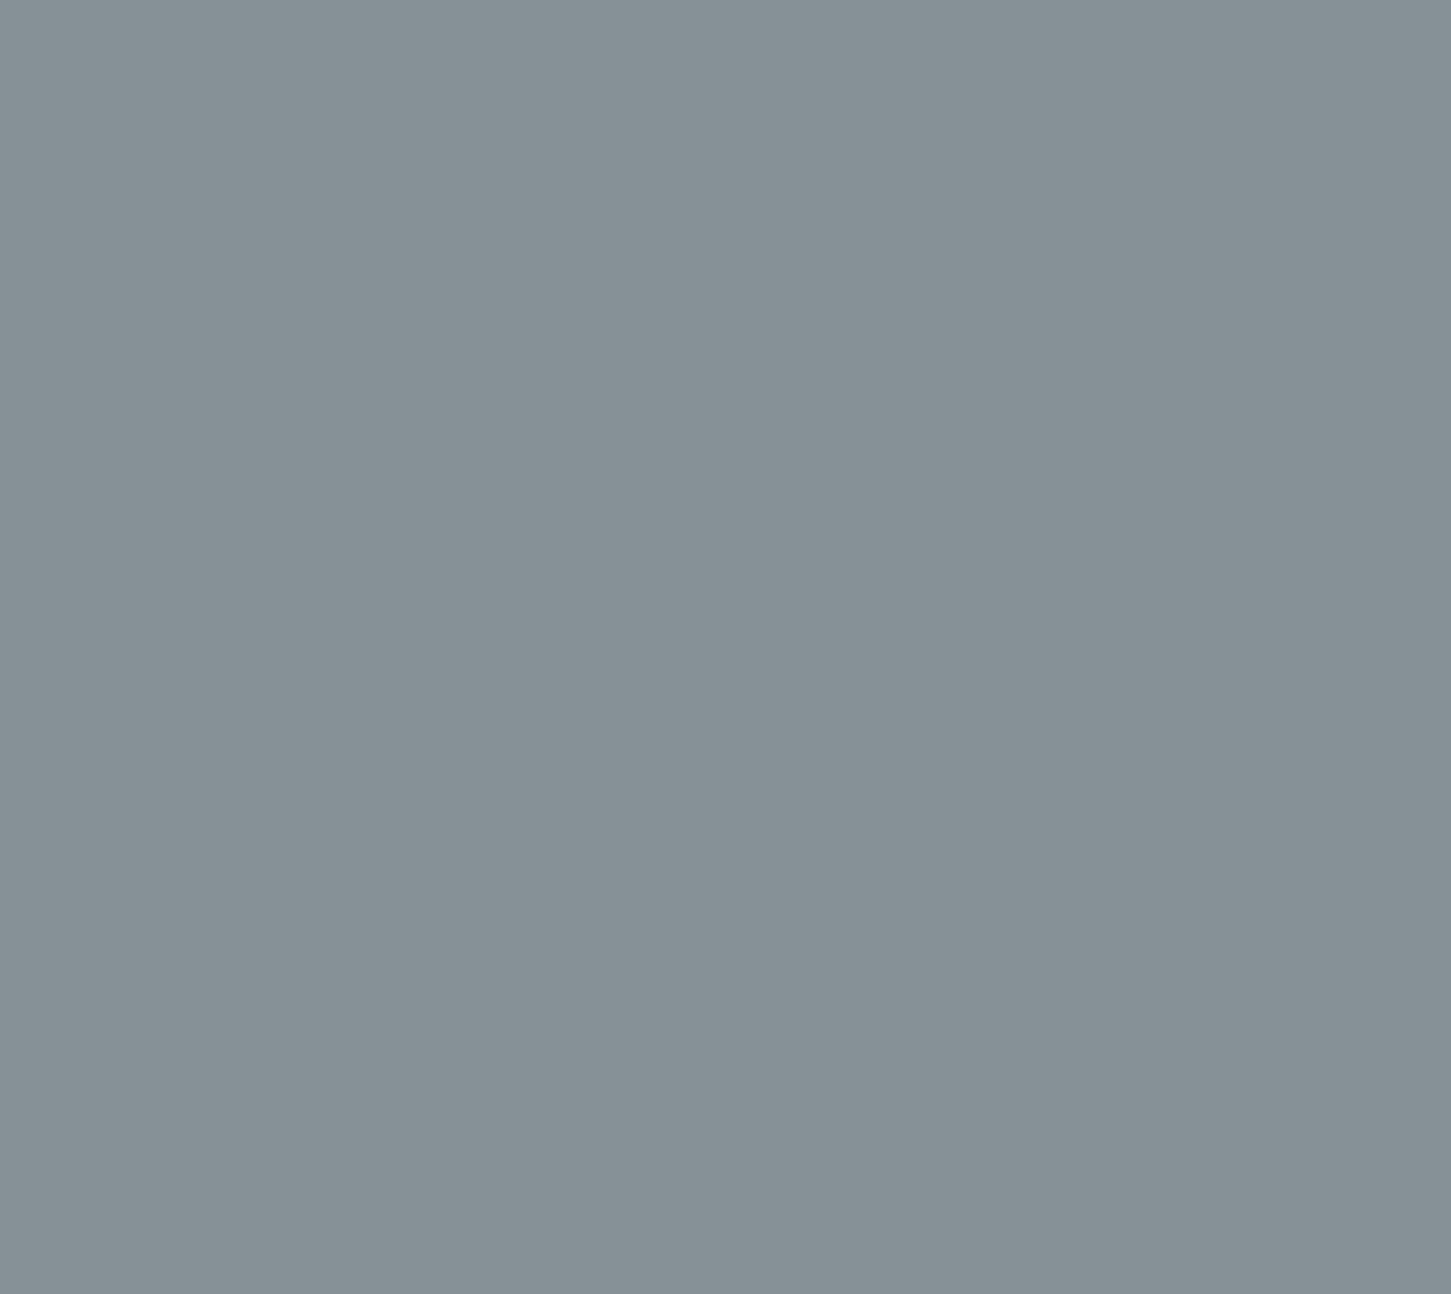 BEKATEQ BK-500EP 2K Epoxidharz Verlaufsbeschichtung RAL-Farben Dickbeschichtung Bodenbeschichtung Boden Egalisierung (20KG, RAL9016 Verkehrsweiß )